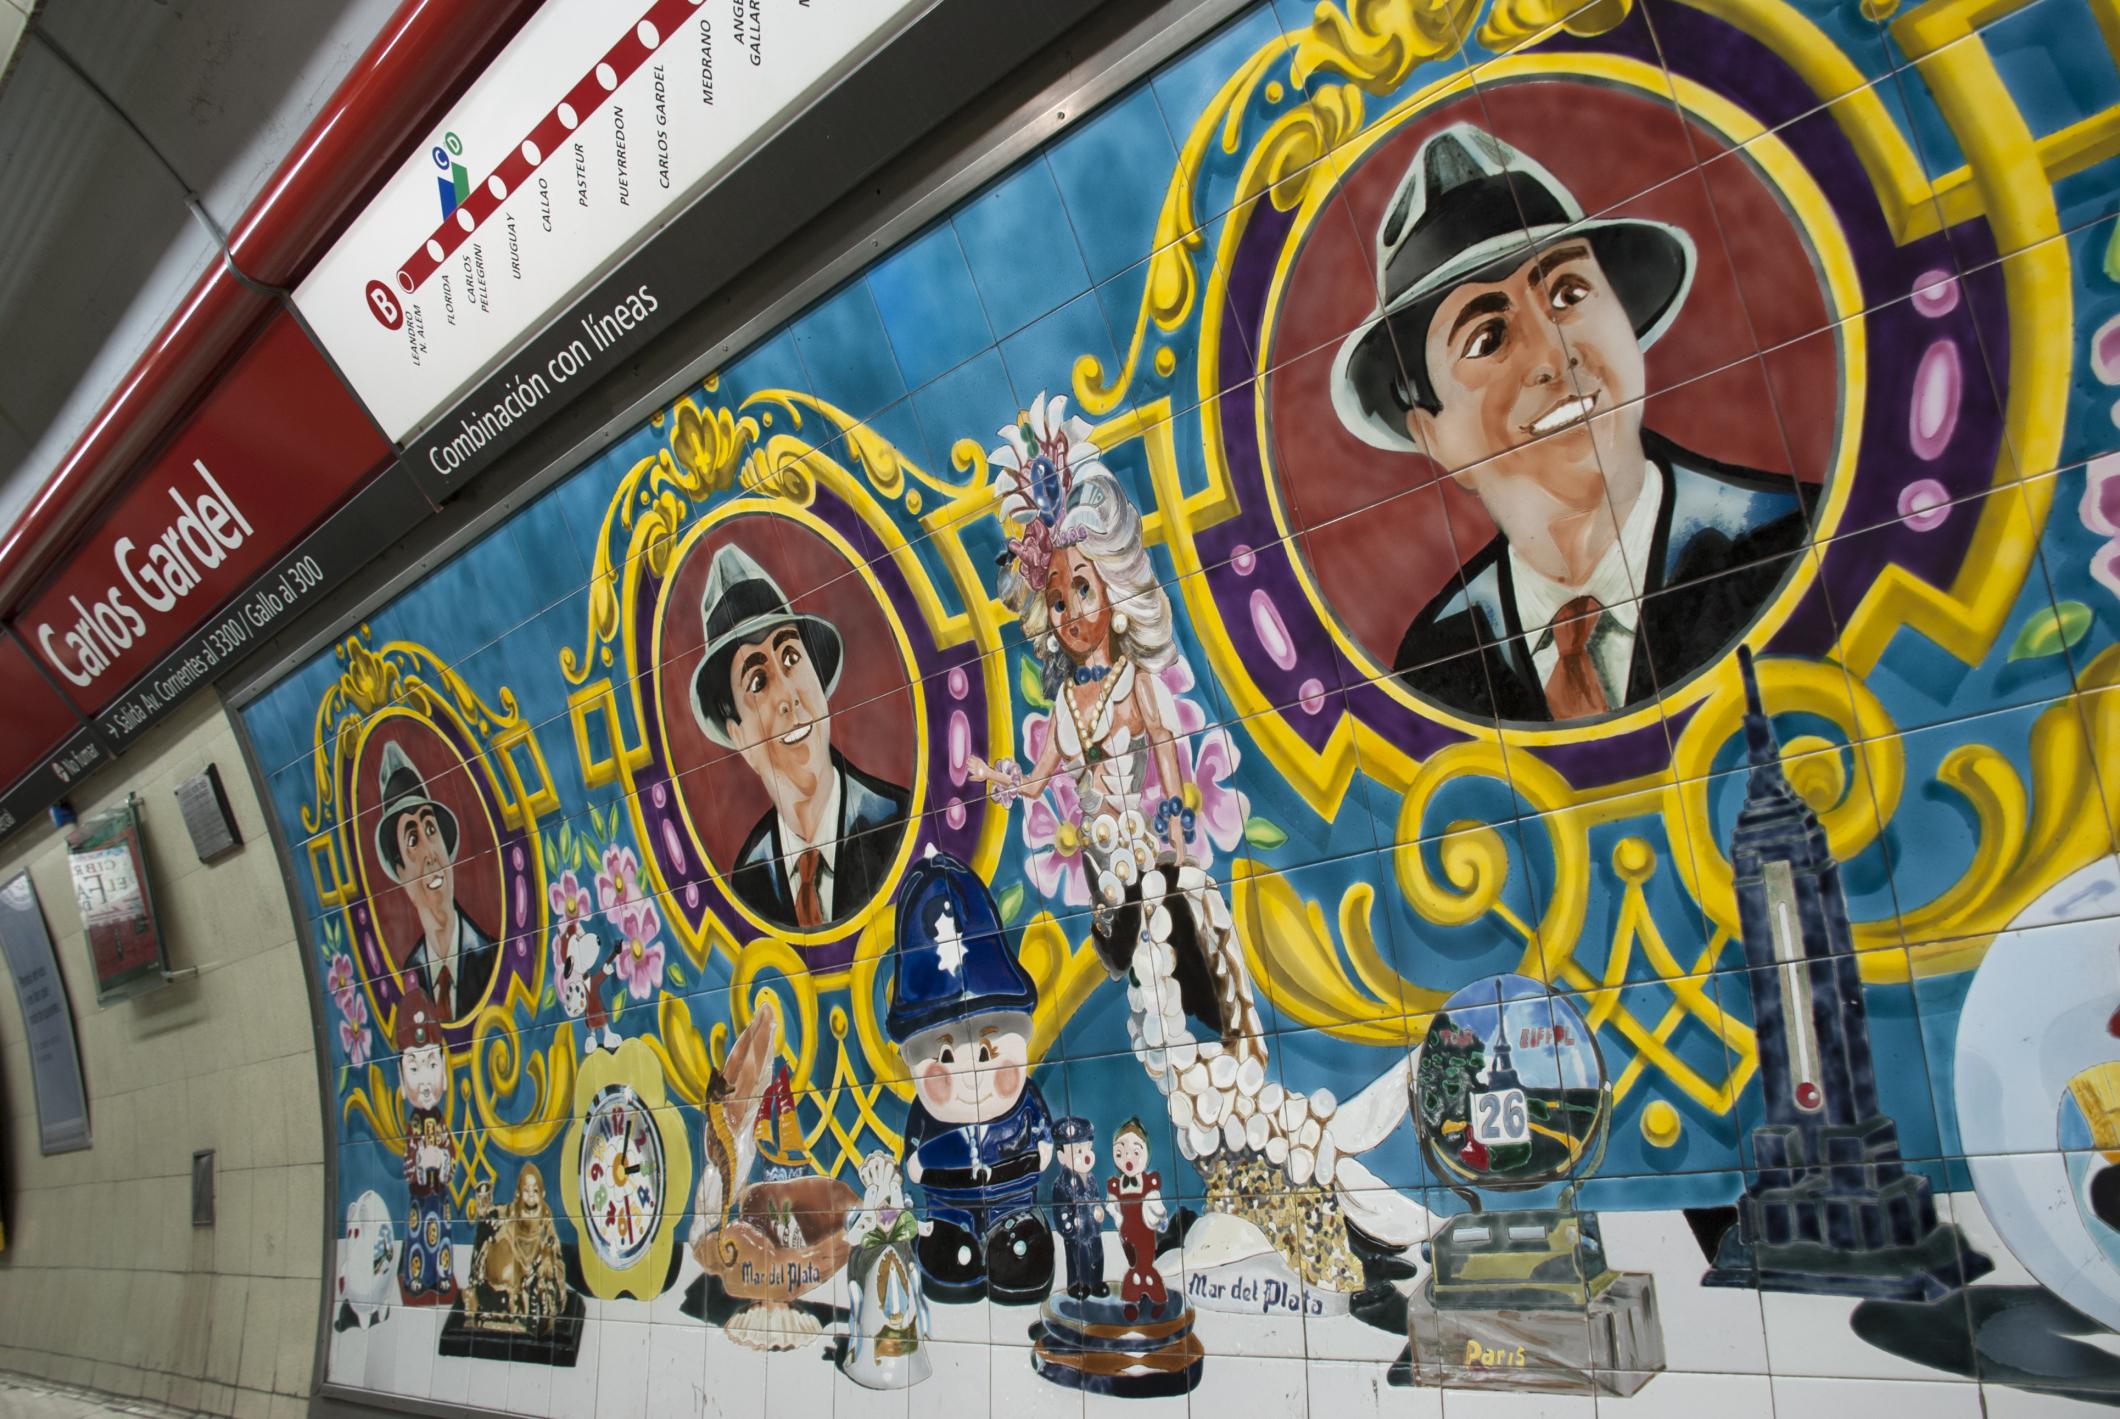 Колонны, граффити и мозаичные панно: как выглядит метро в разных уголках мира – фото